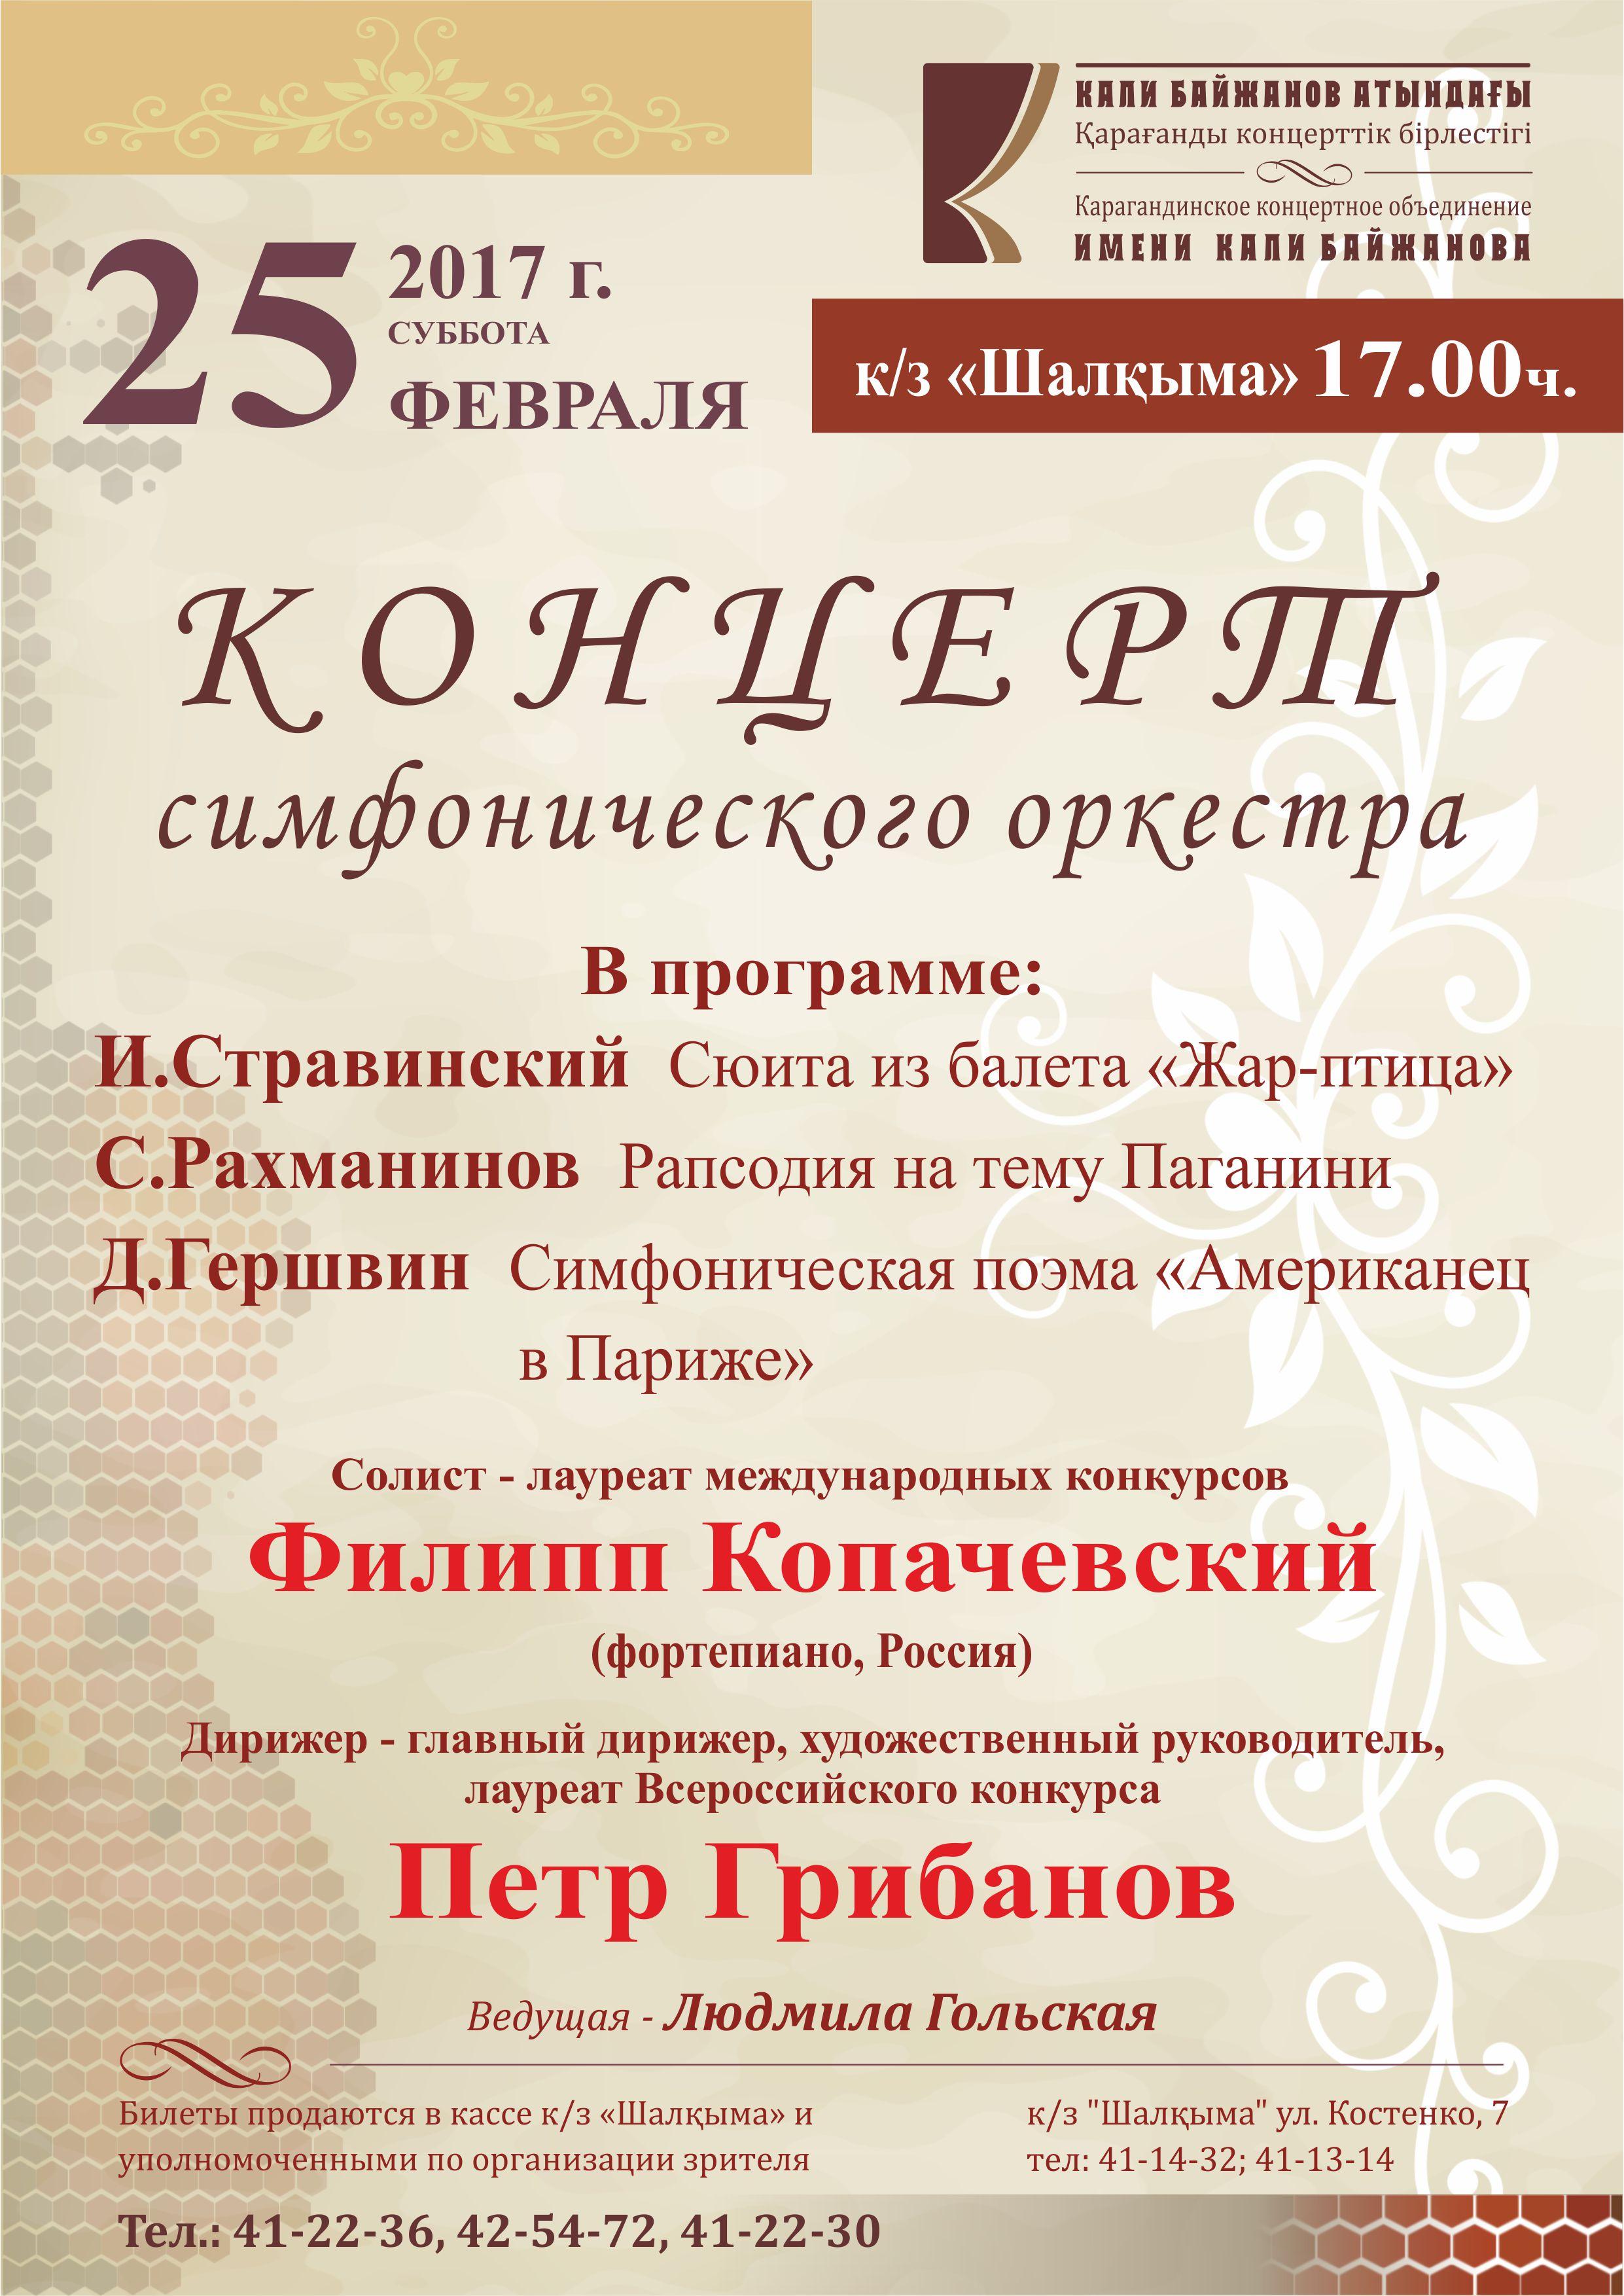 Концерт симфонического оркестра